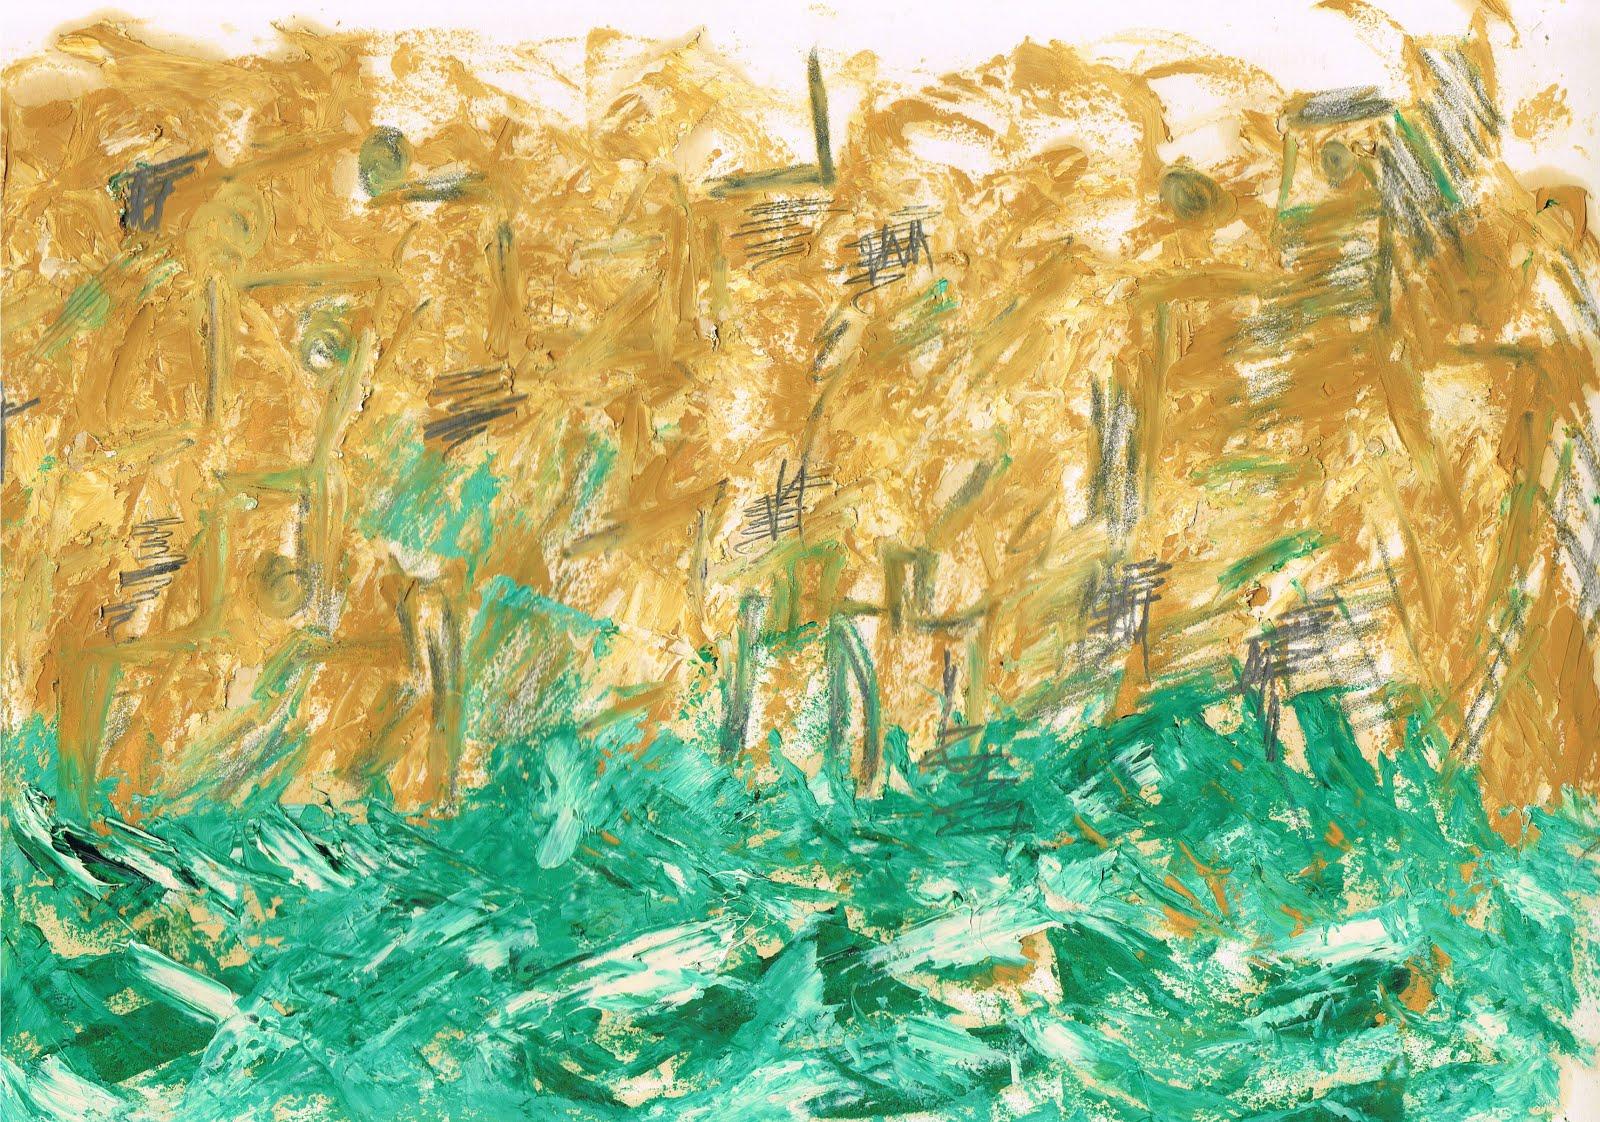 Pinturas III